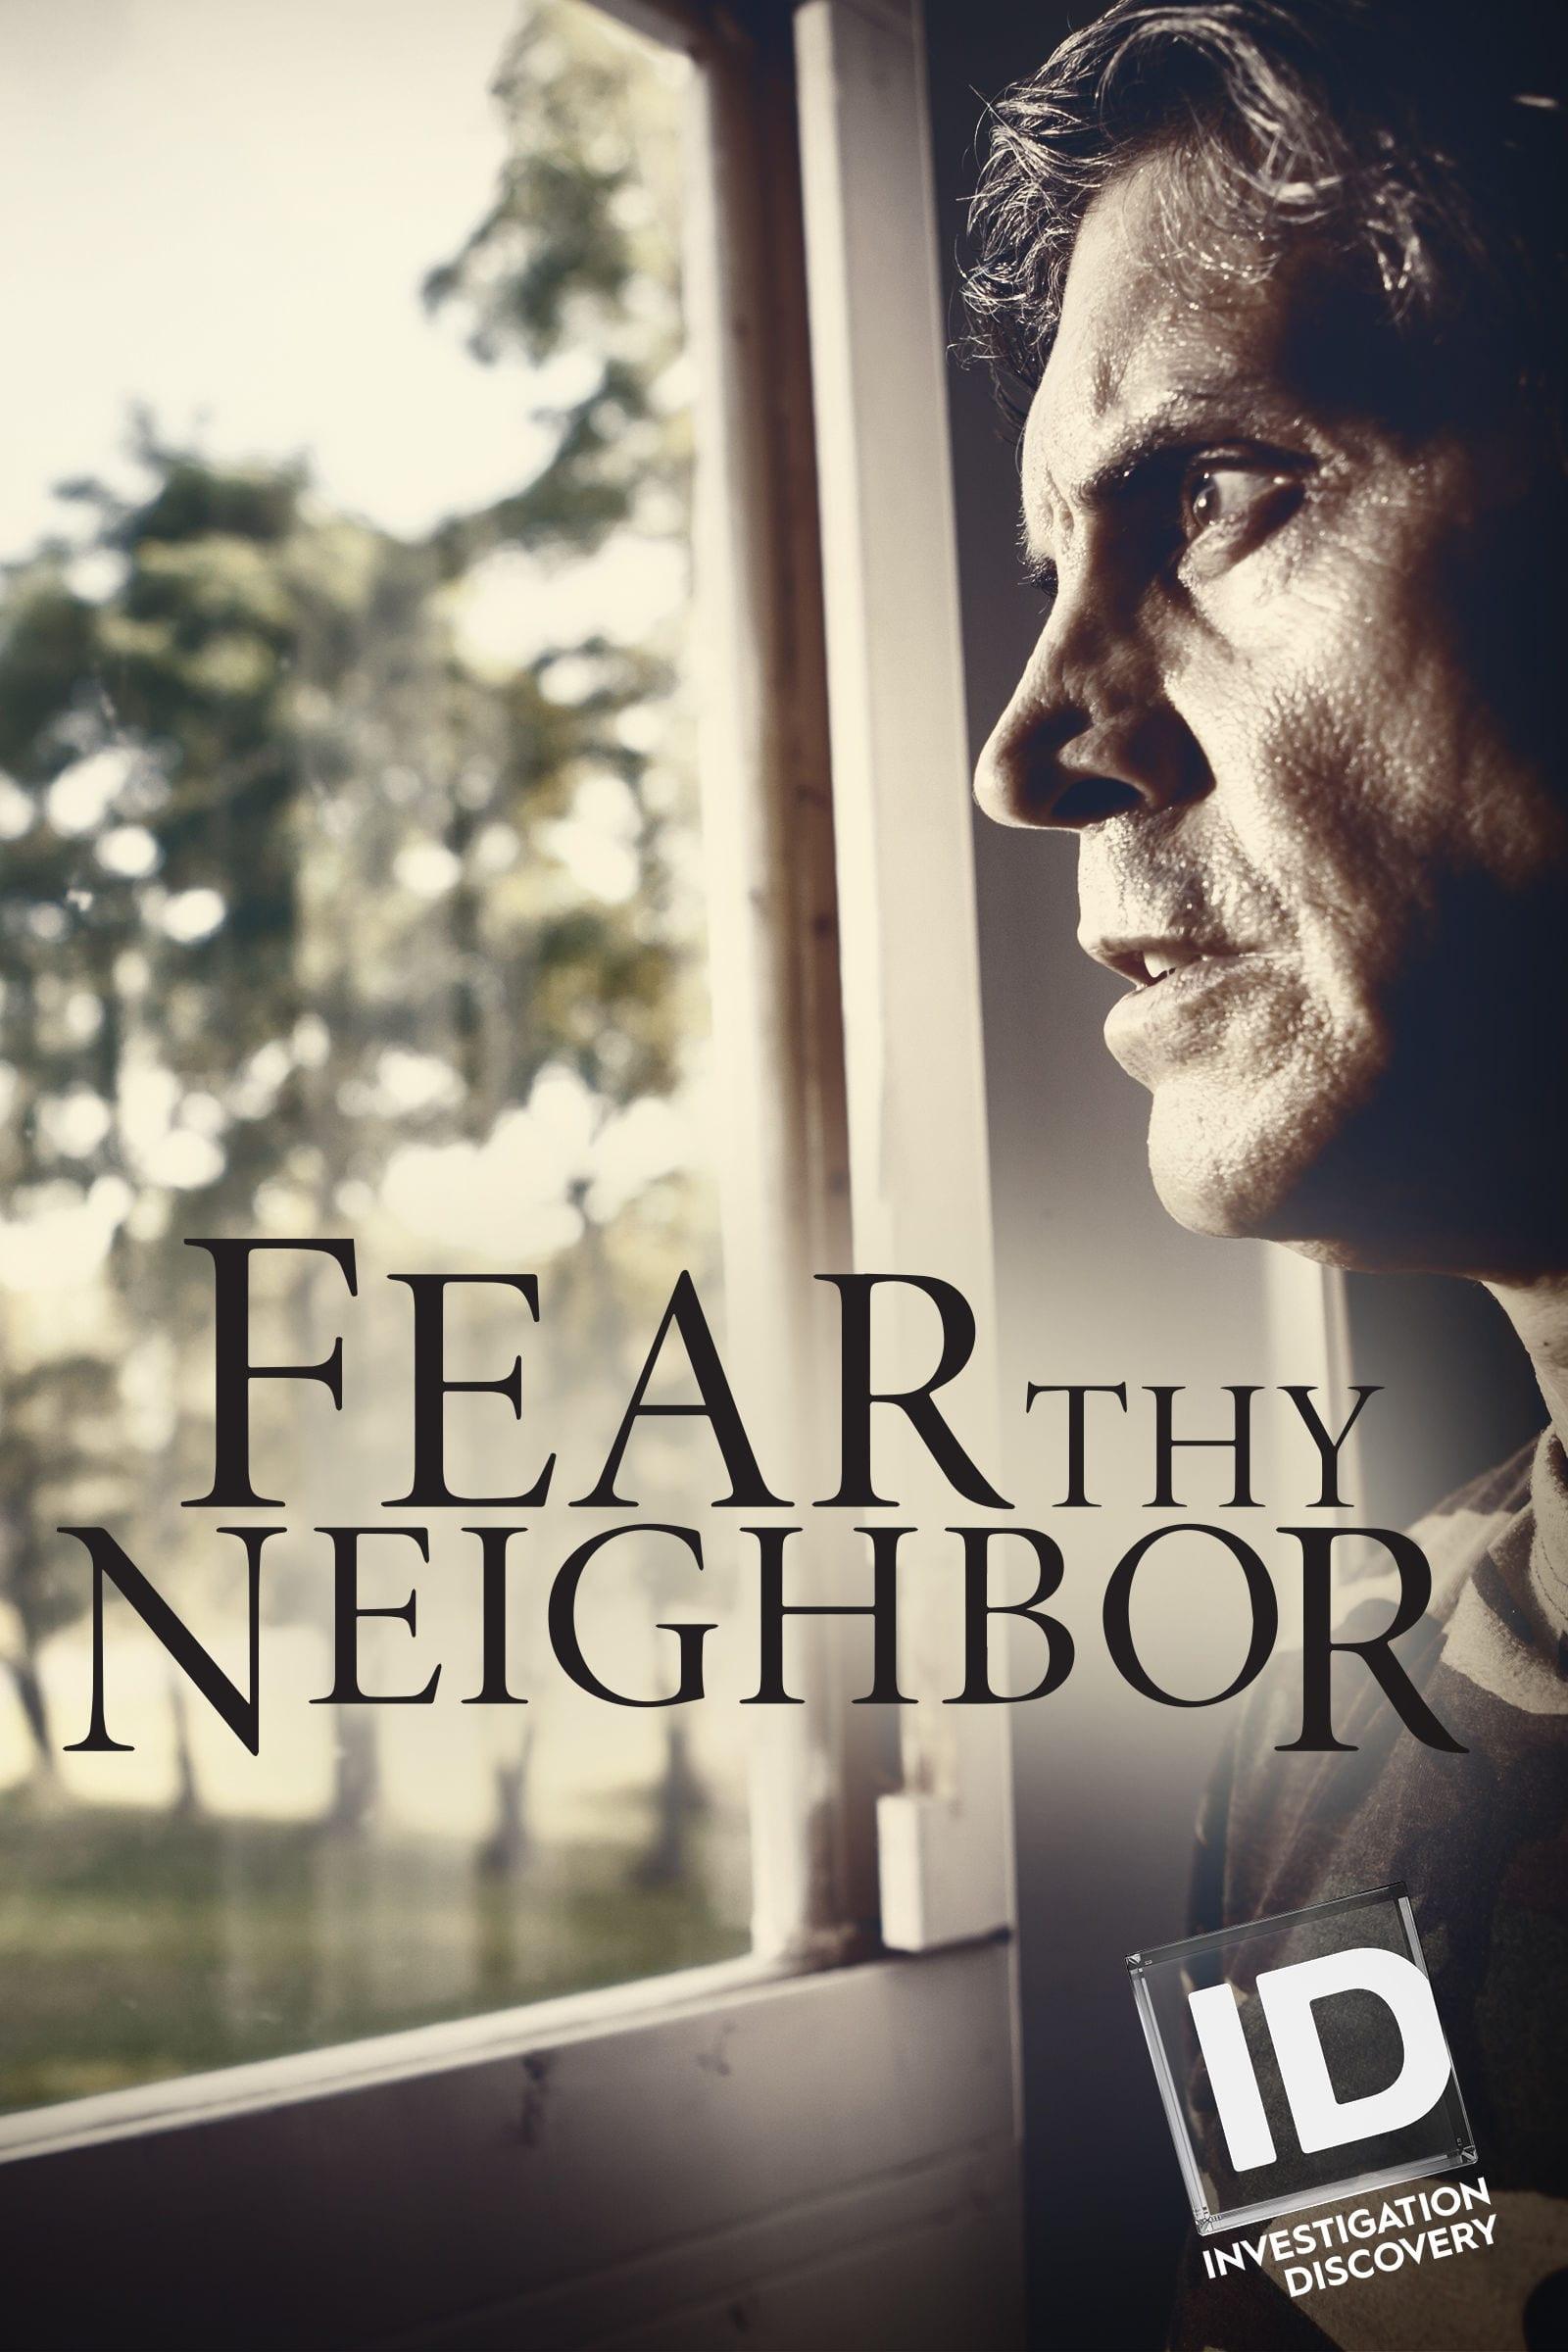 Fear Thy Neighbor teaser image